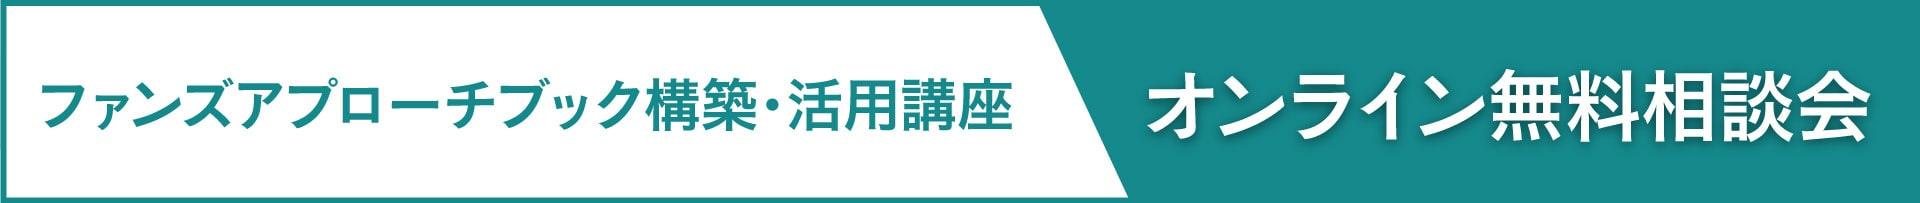 ファンズアプローチブック構築・活用講座【オンライン無料相談会】